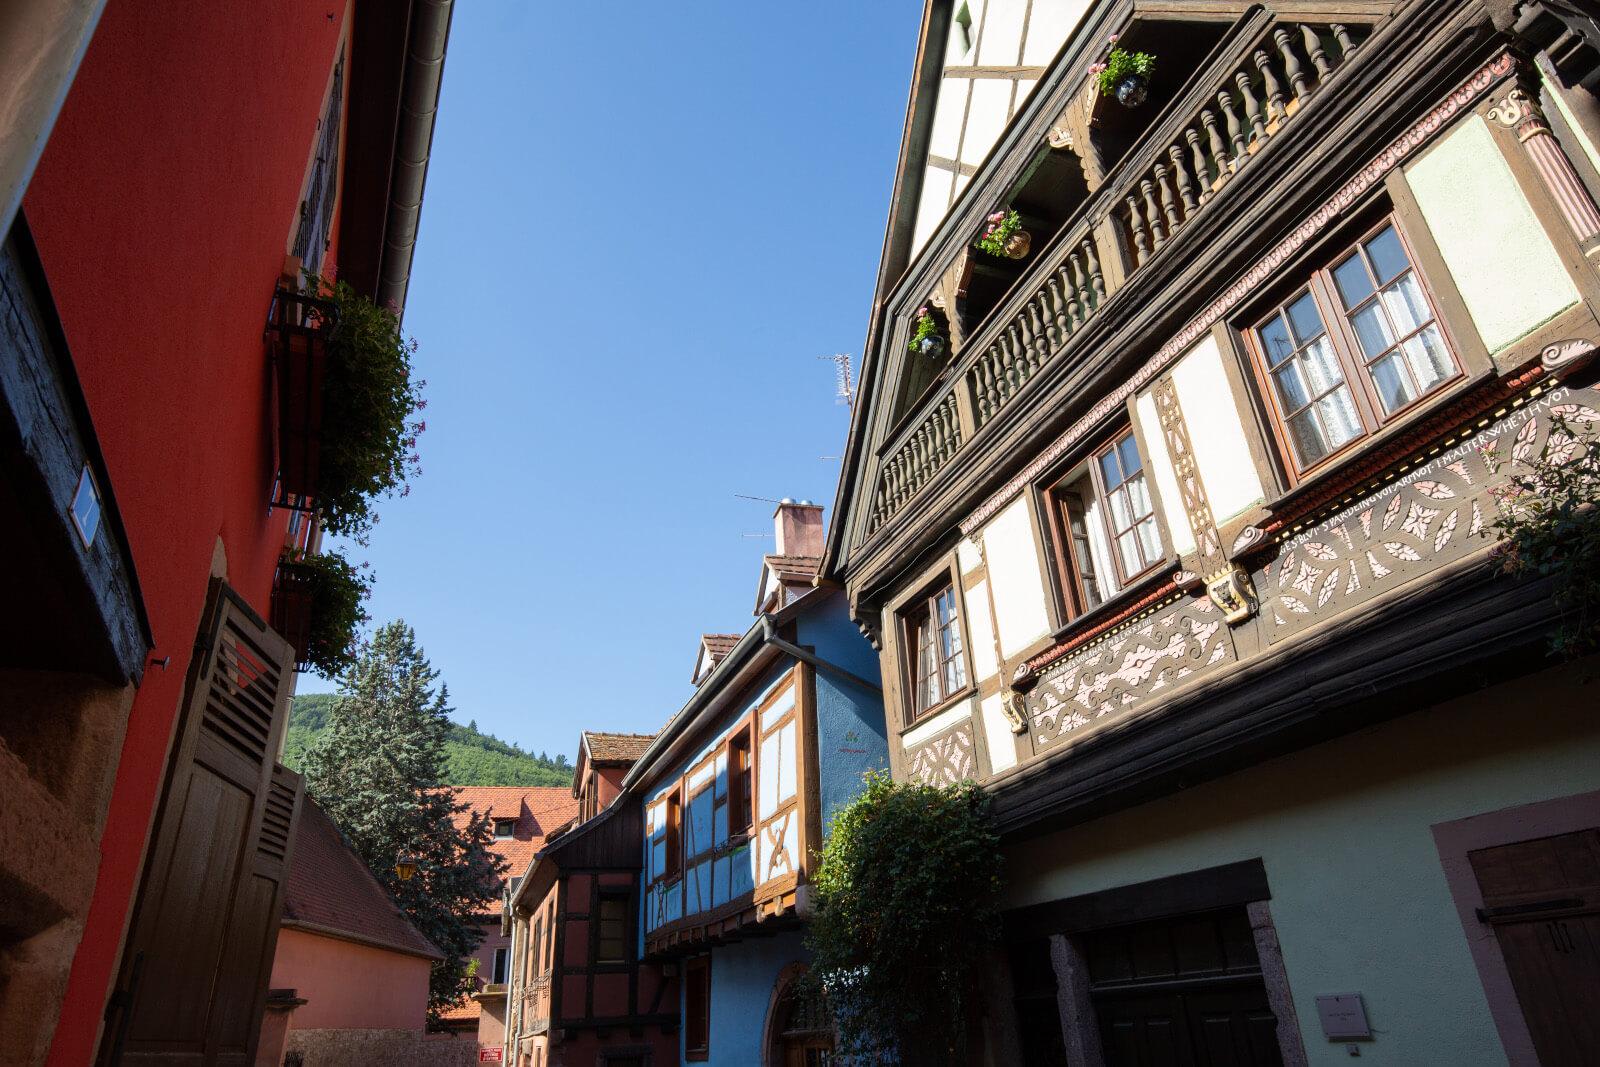 4 Maison Renaissance Construite En 1594